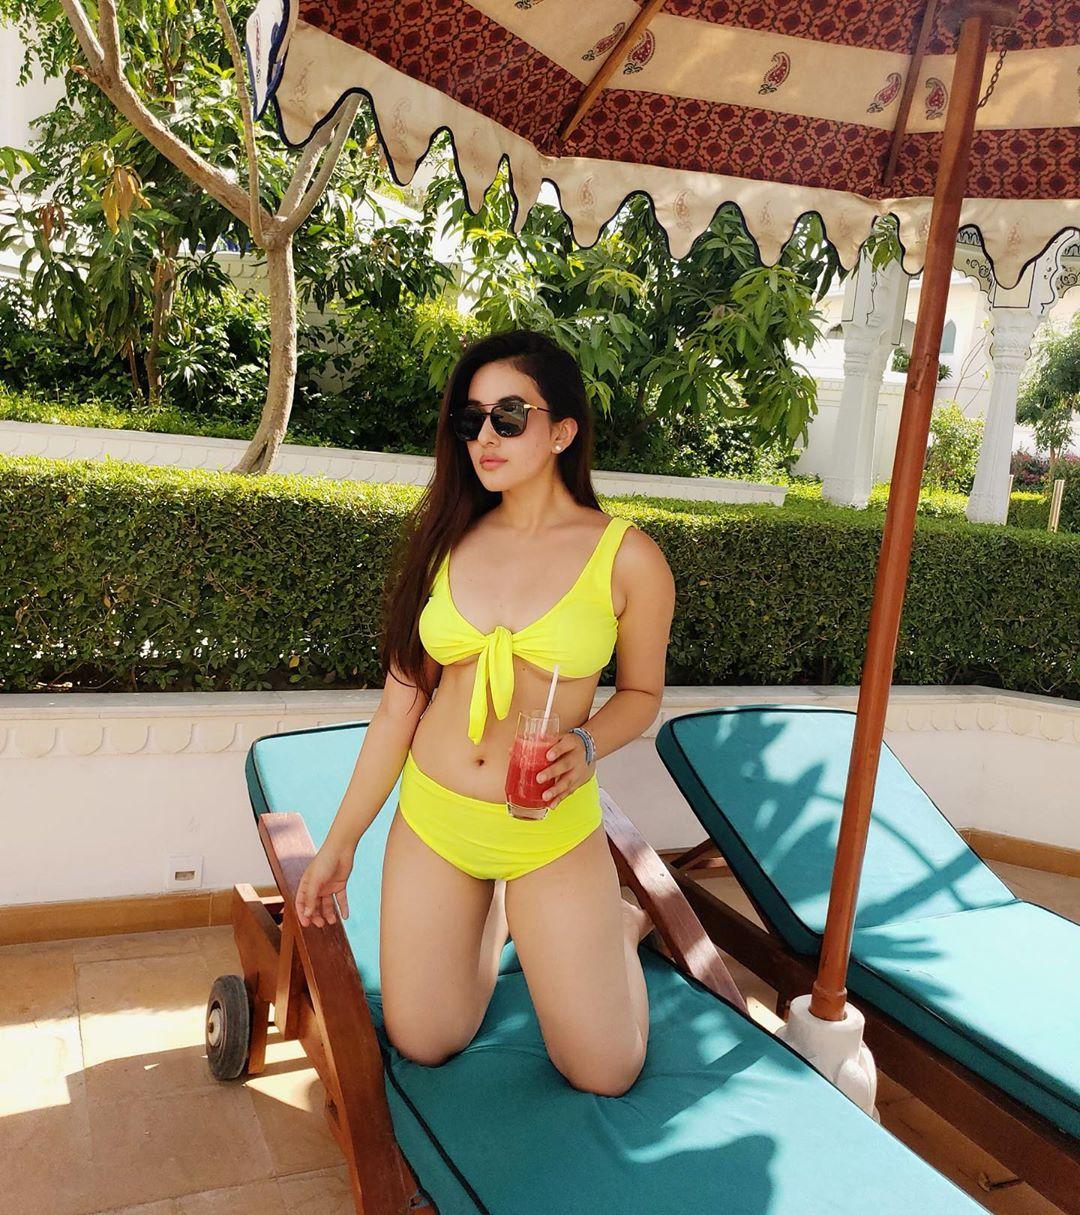 Desi Girl in Yellow Bikini